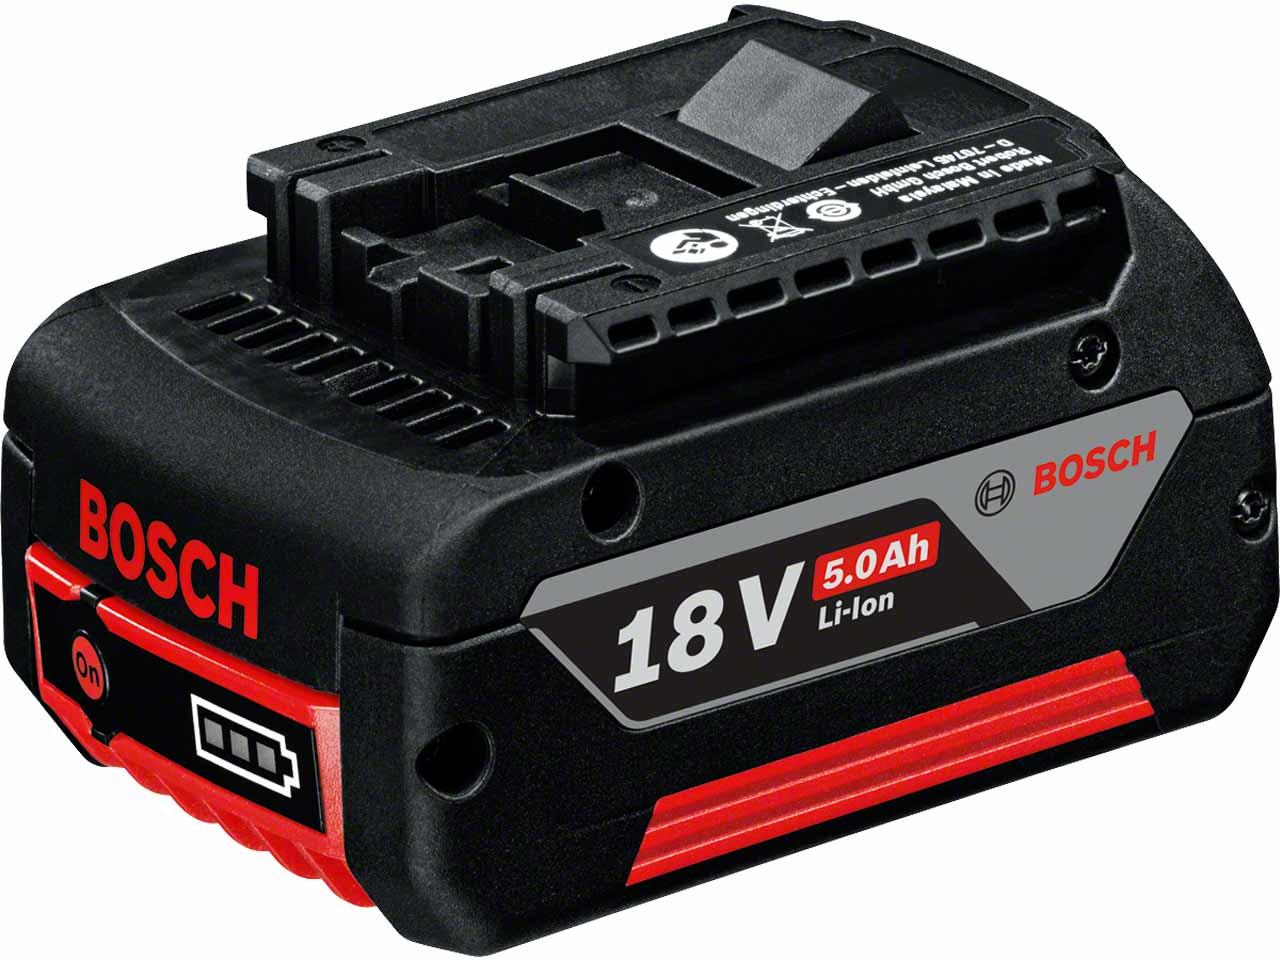 Bosch_1600A002U5v2.jpg